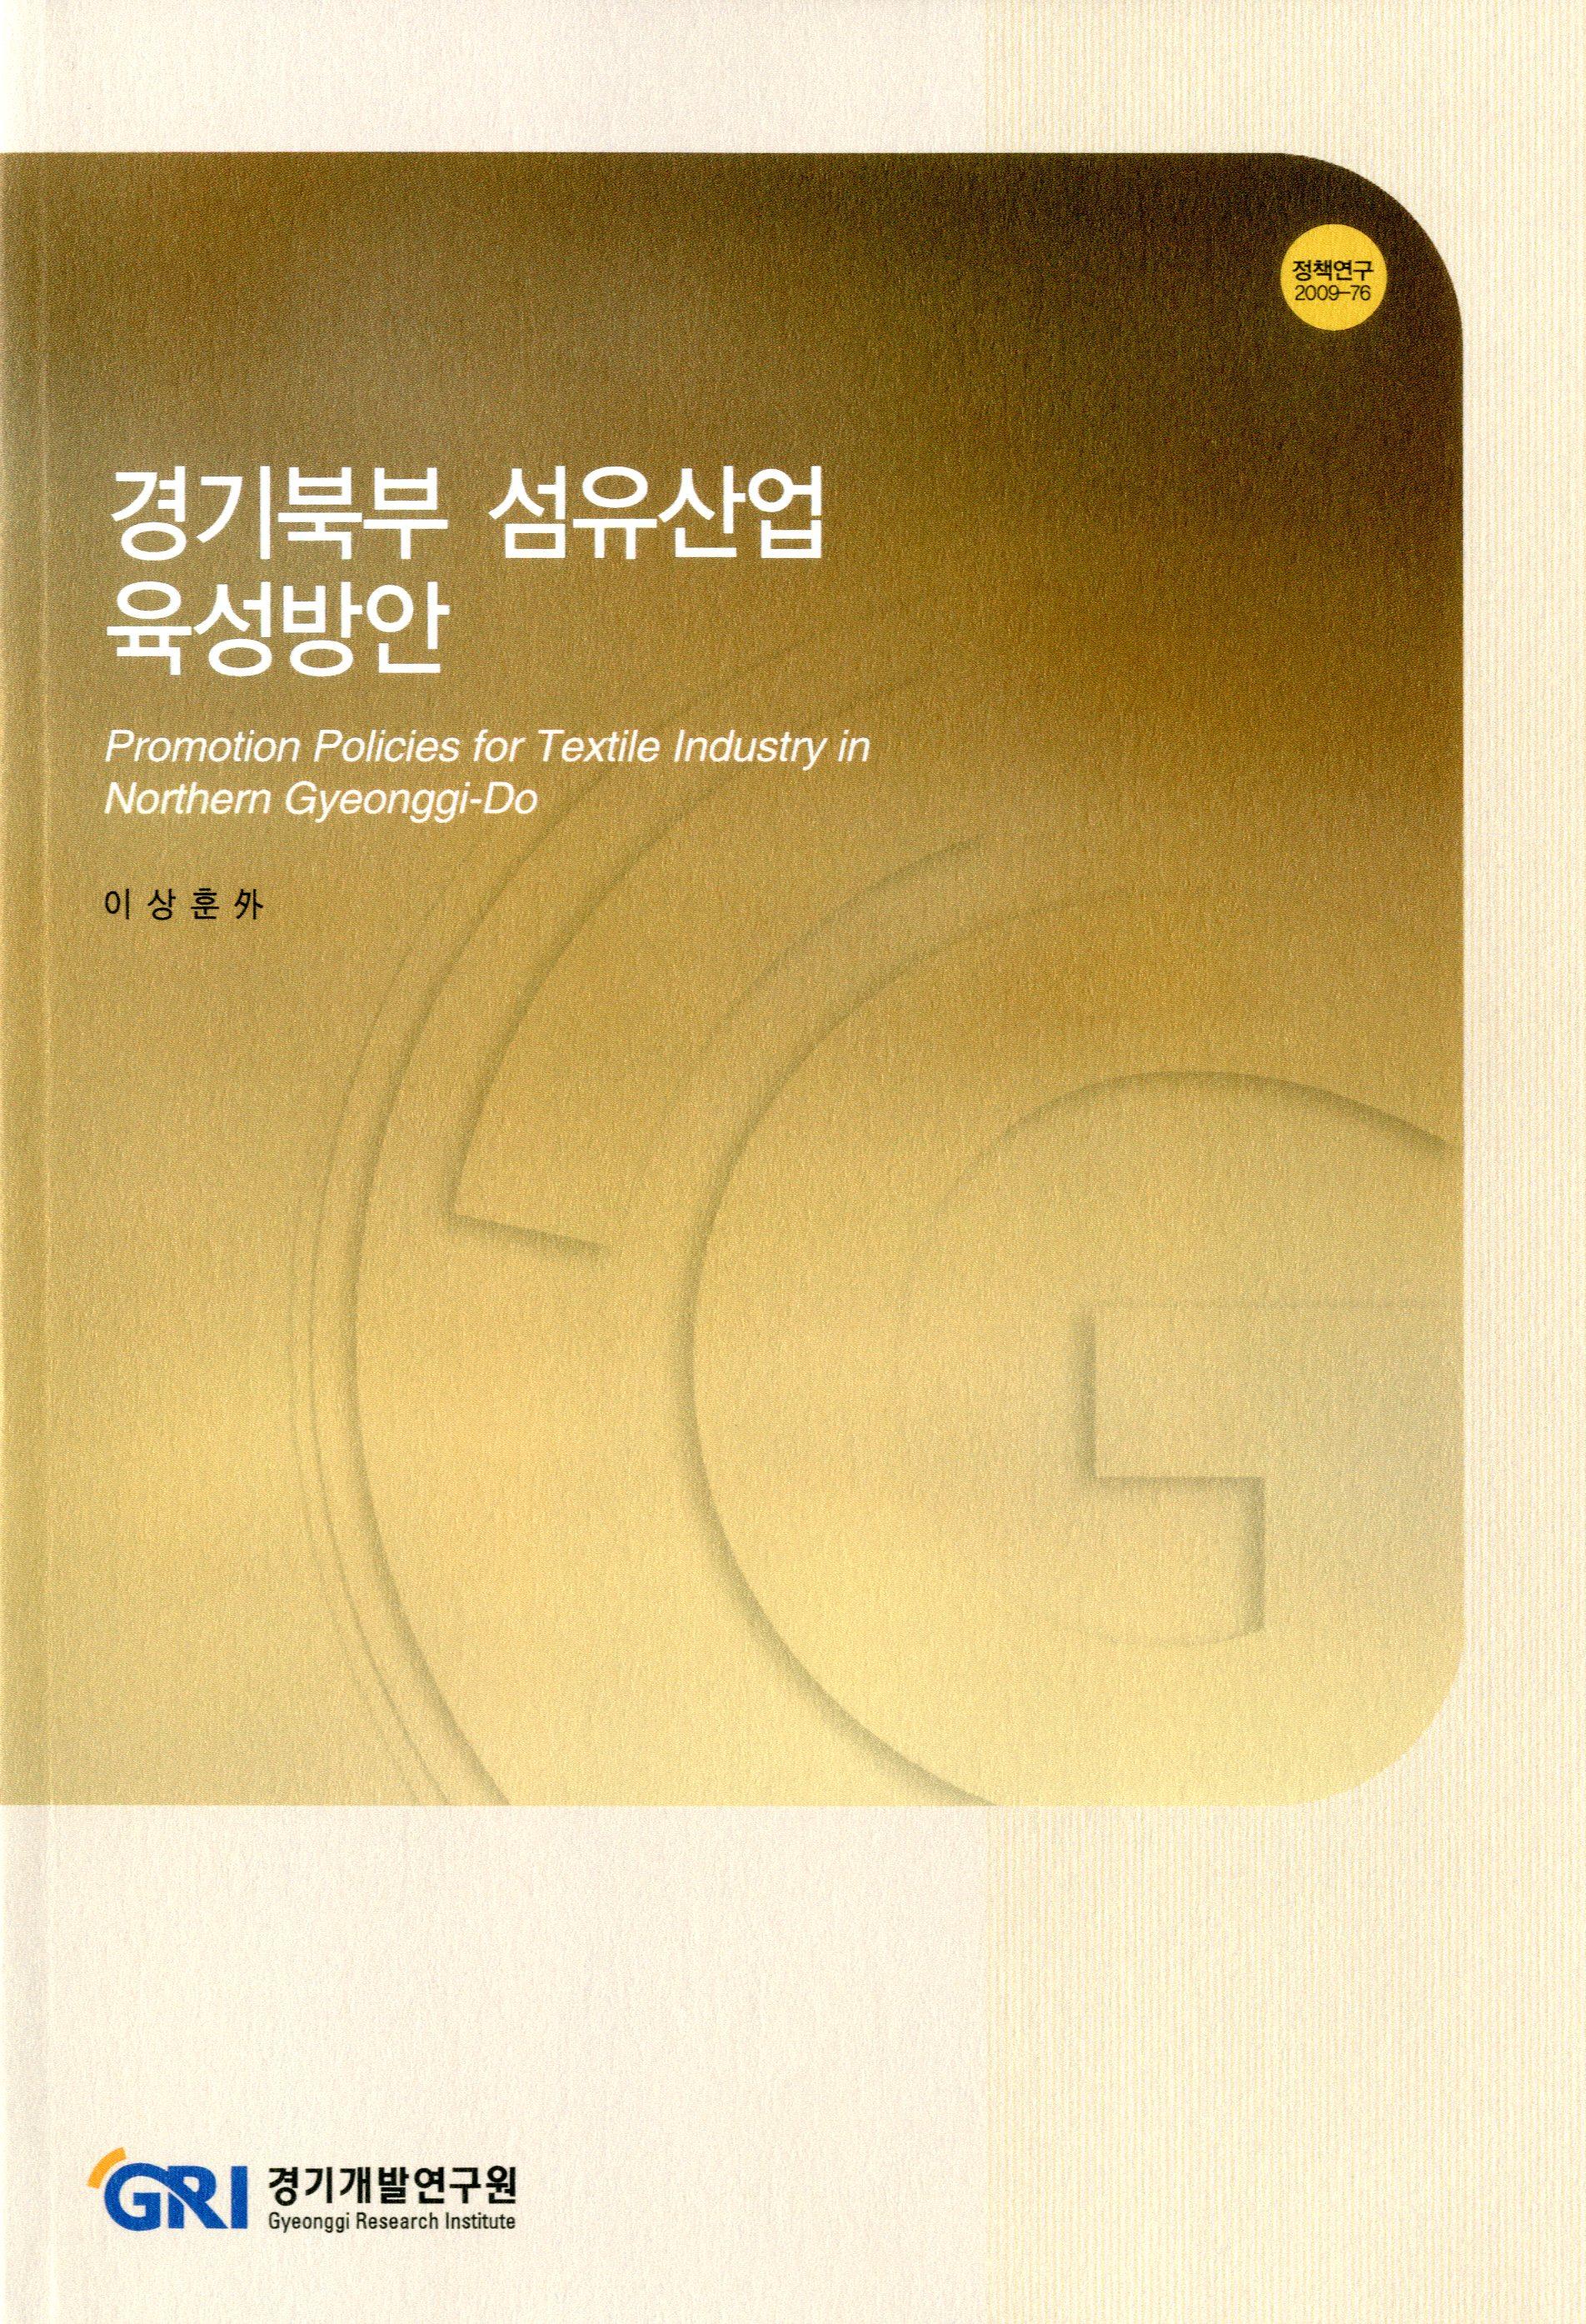 경기북부 섬유산업 육성방안